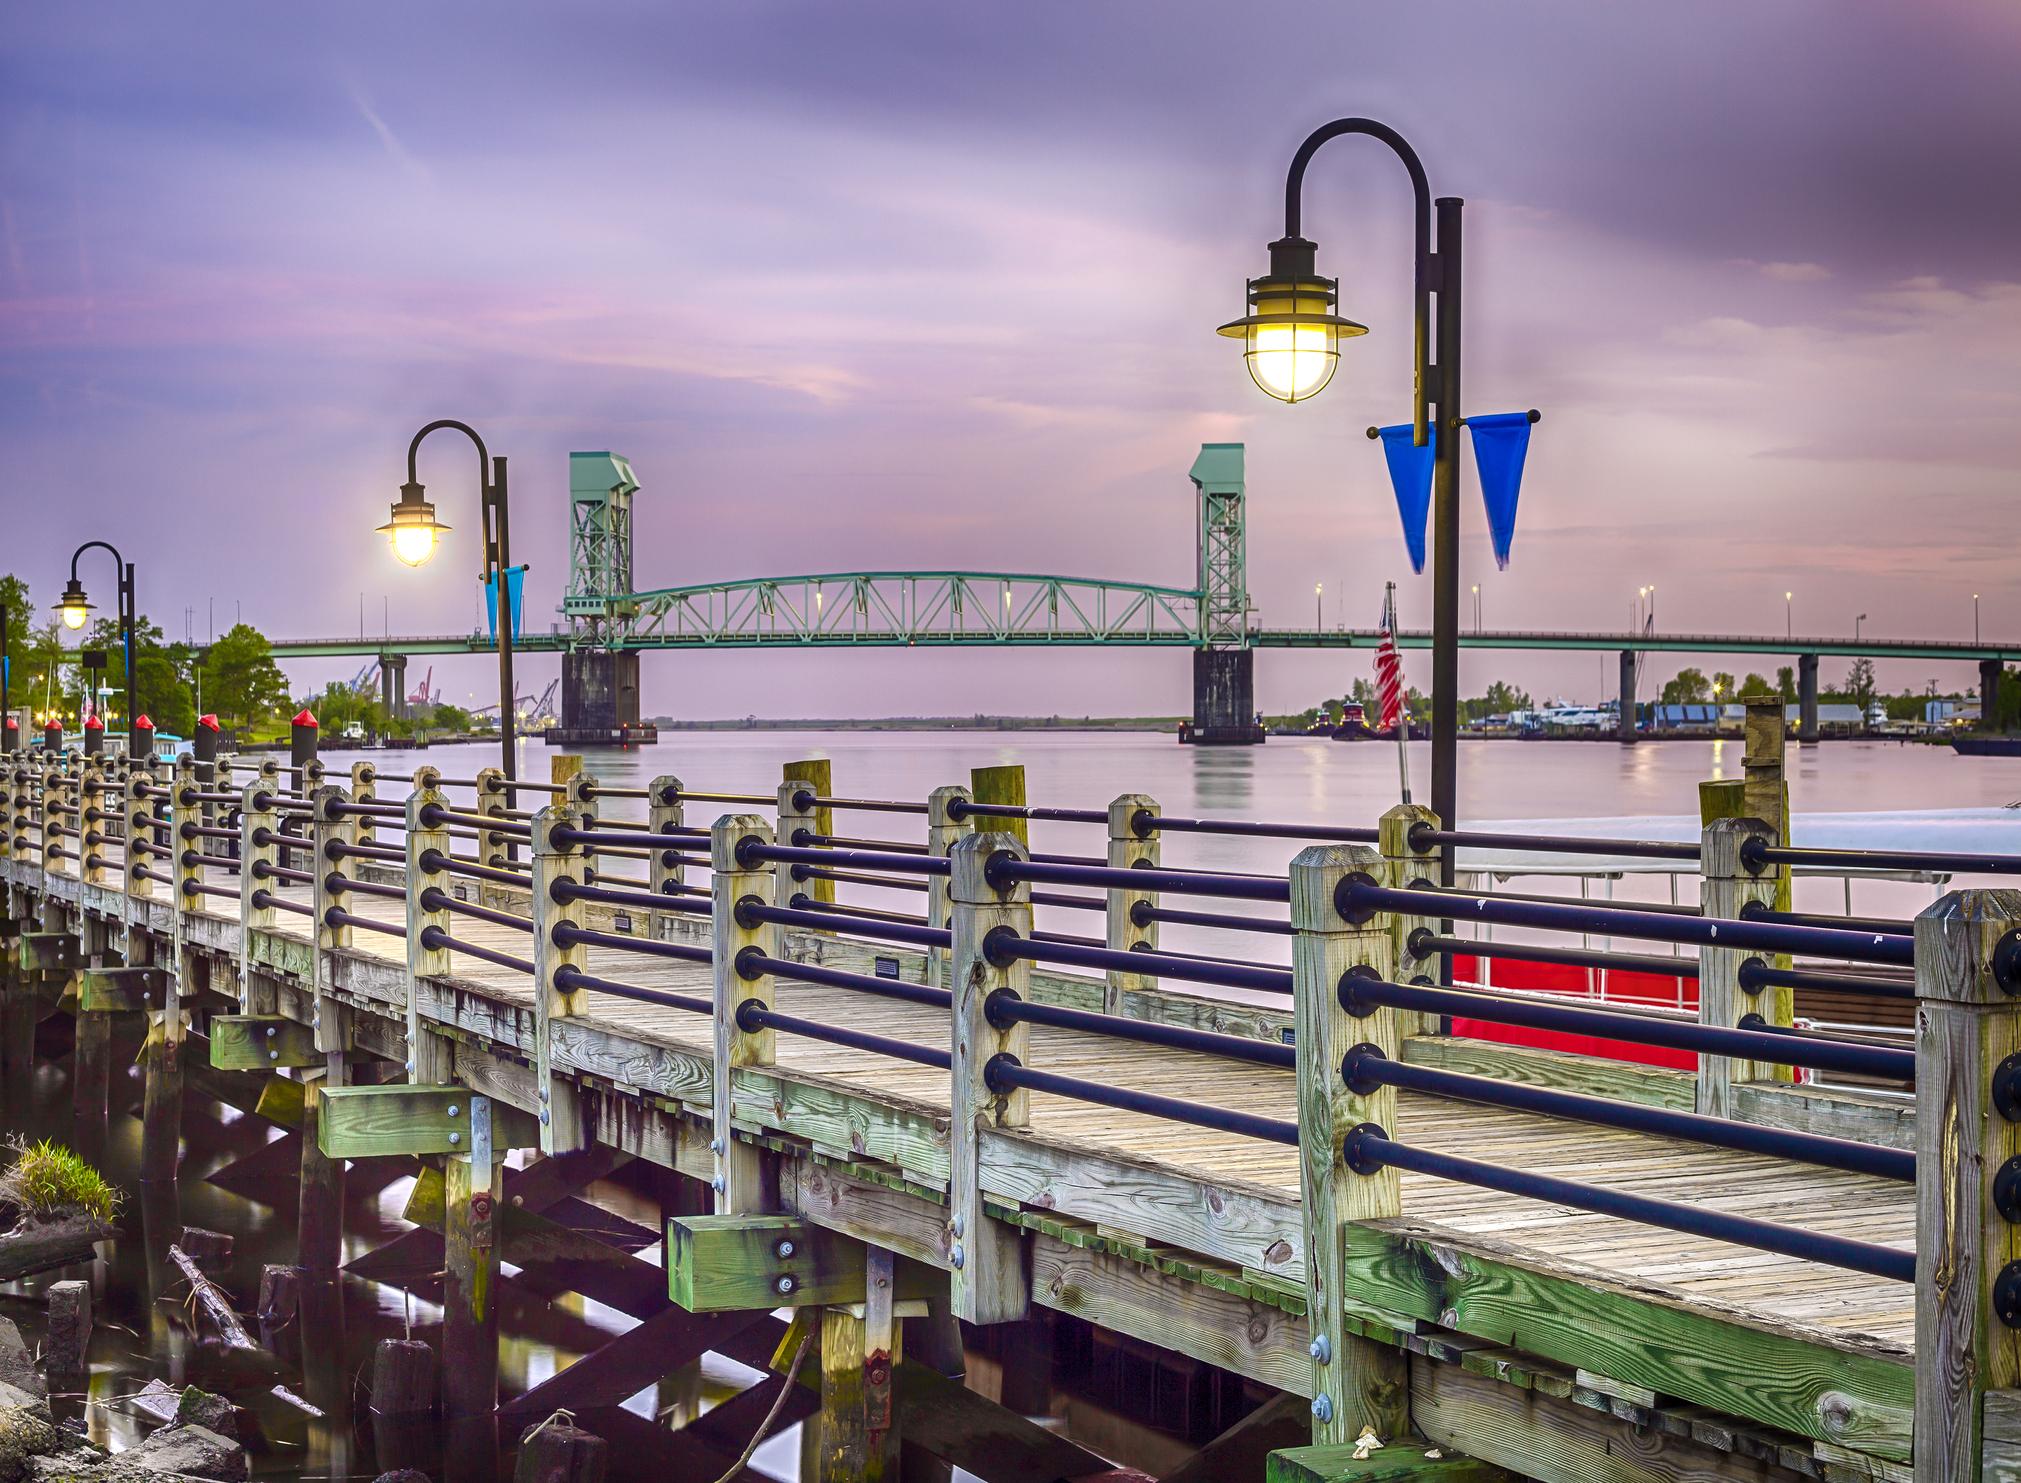 Riverwalk in Wilmington